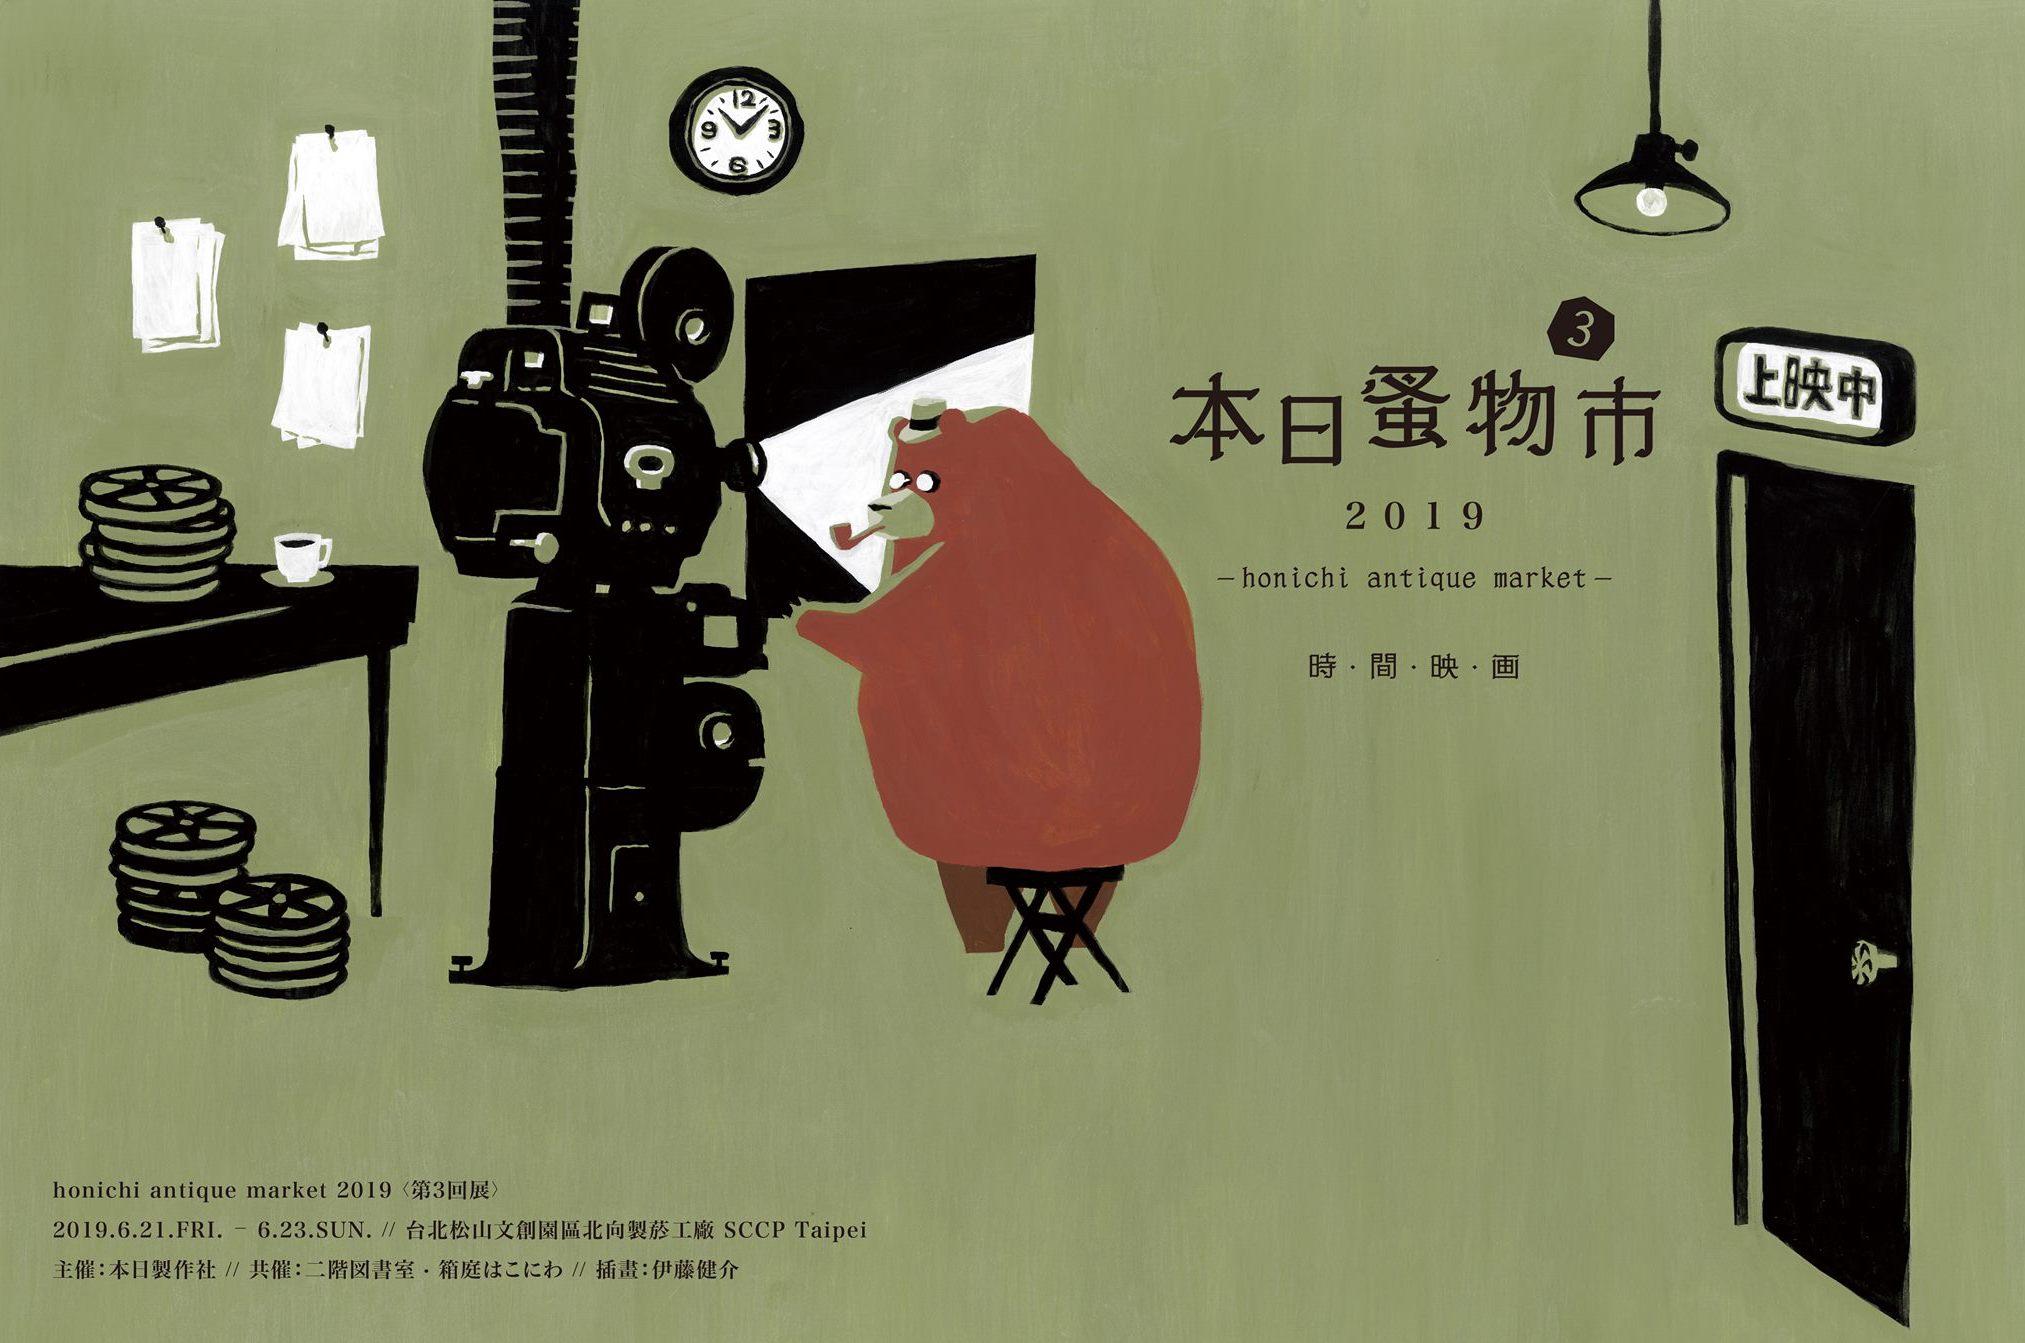 本日蚤物市(台湾)に出品します。